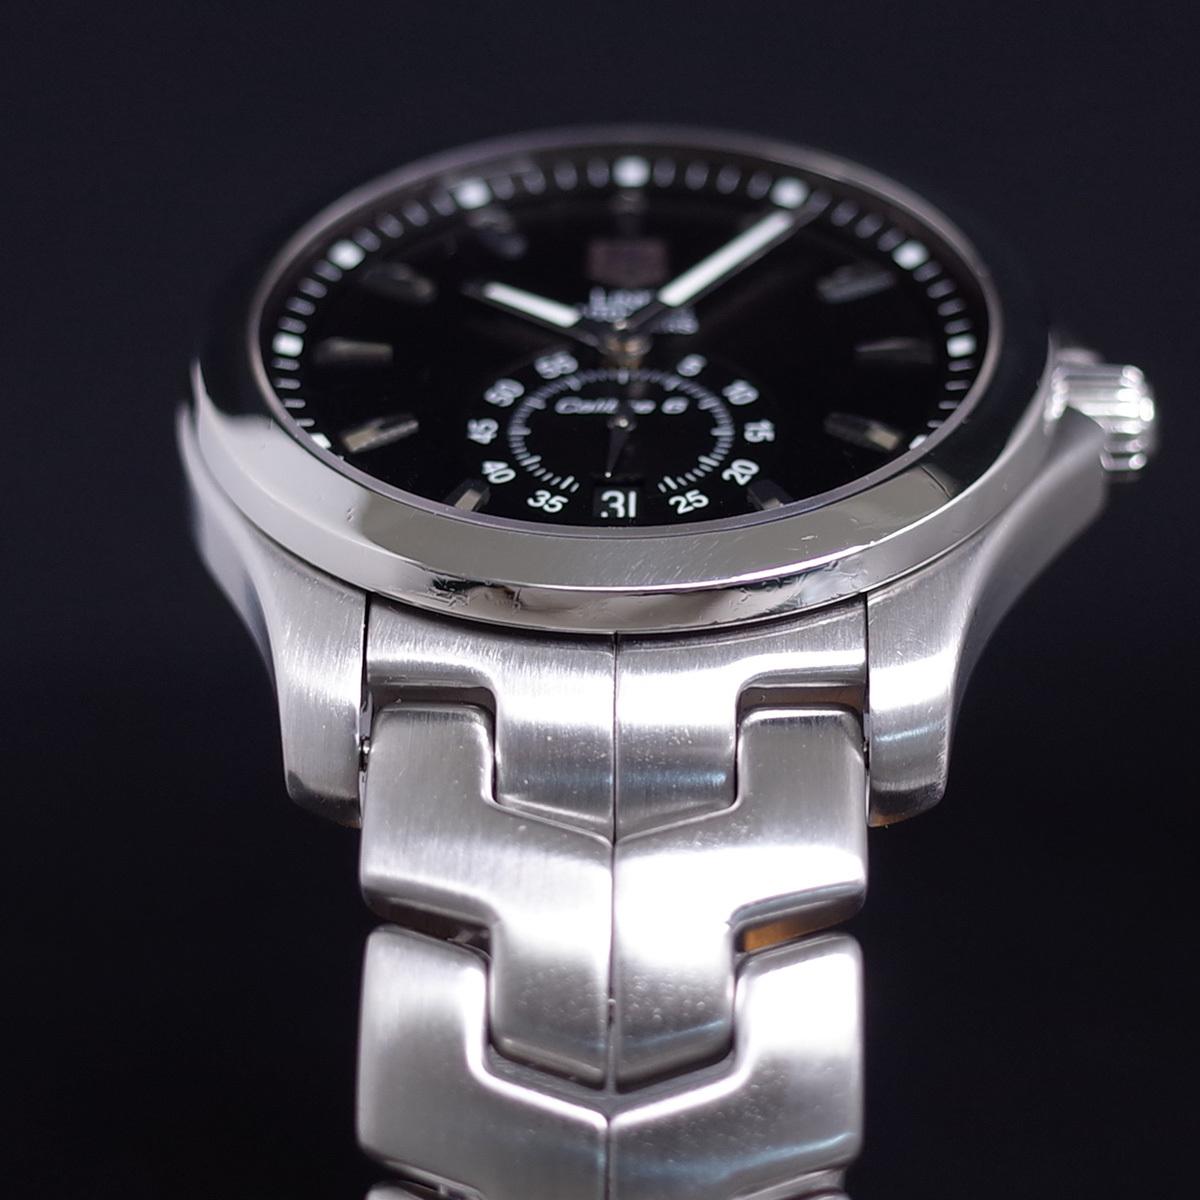 1年保証♪タグホイヤー【リンク】キャリバー6 WJF211A 自動巻 黒文字盤 ブラック ブレスレット 箱 メンズ 腕時計 TAG HEUER_画像3